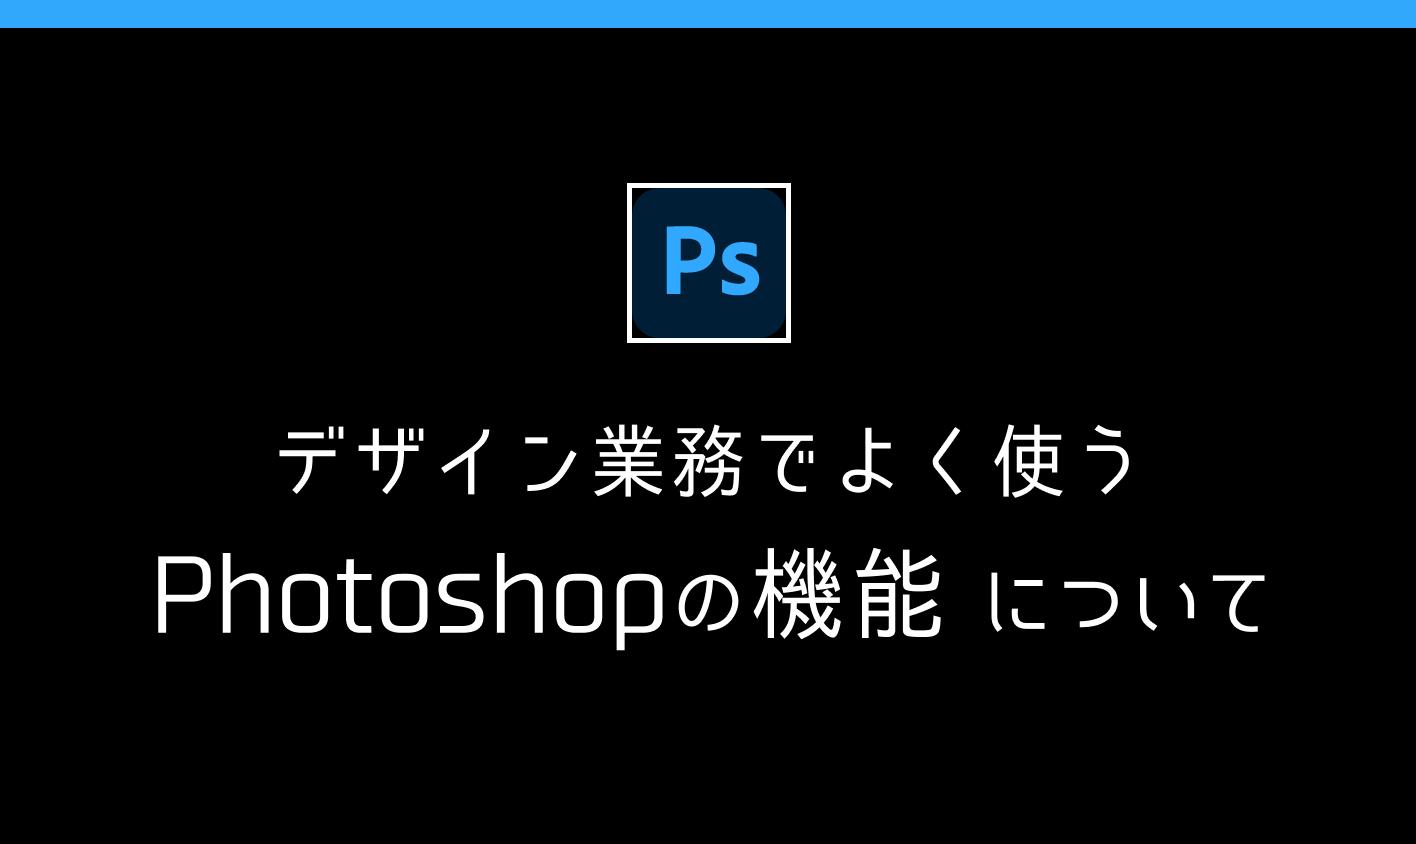 デザイン業務でよく使うPhotoshopの機能について